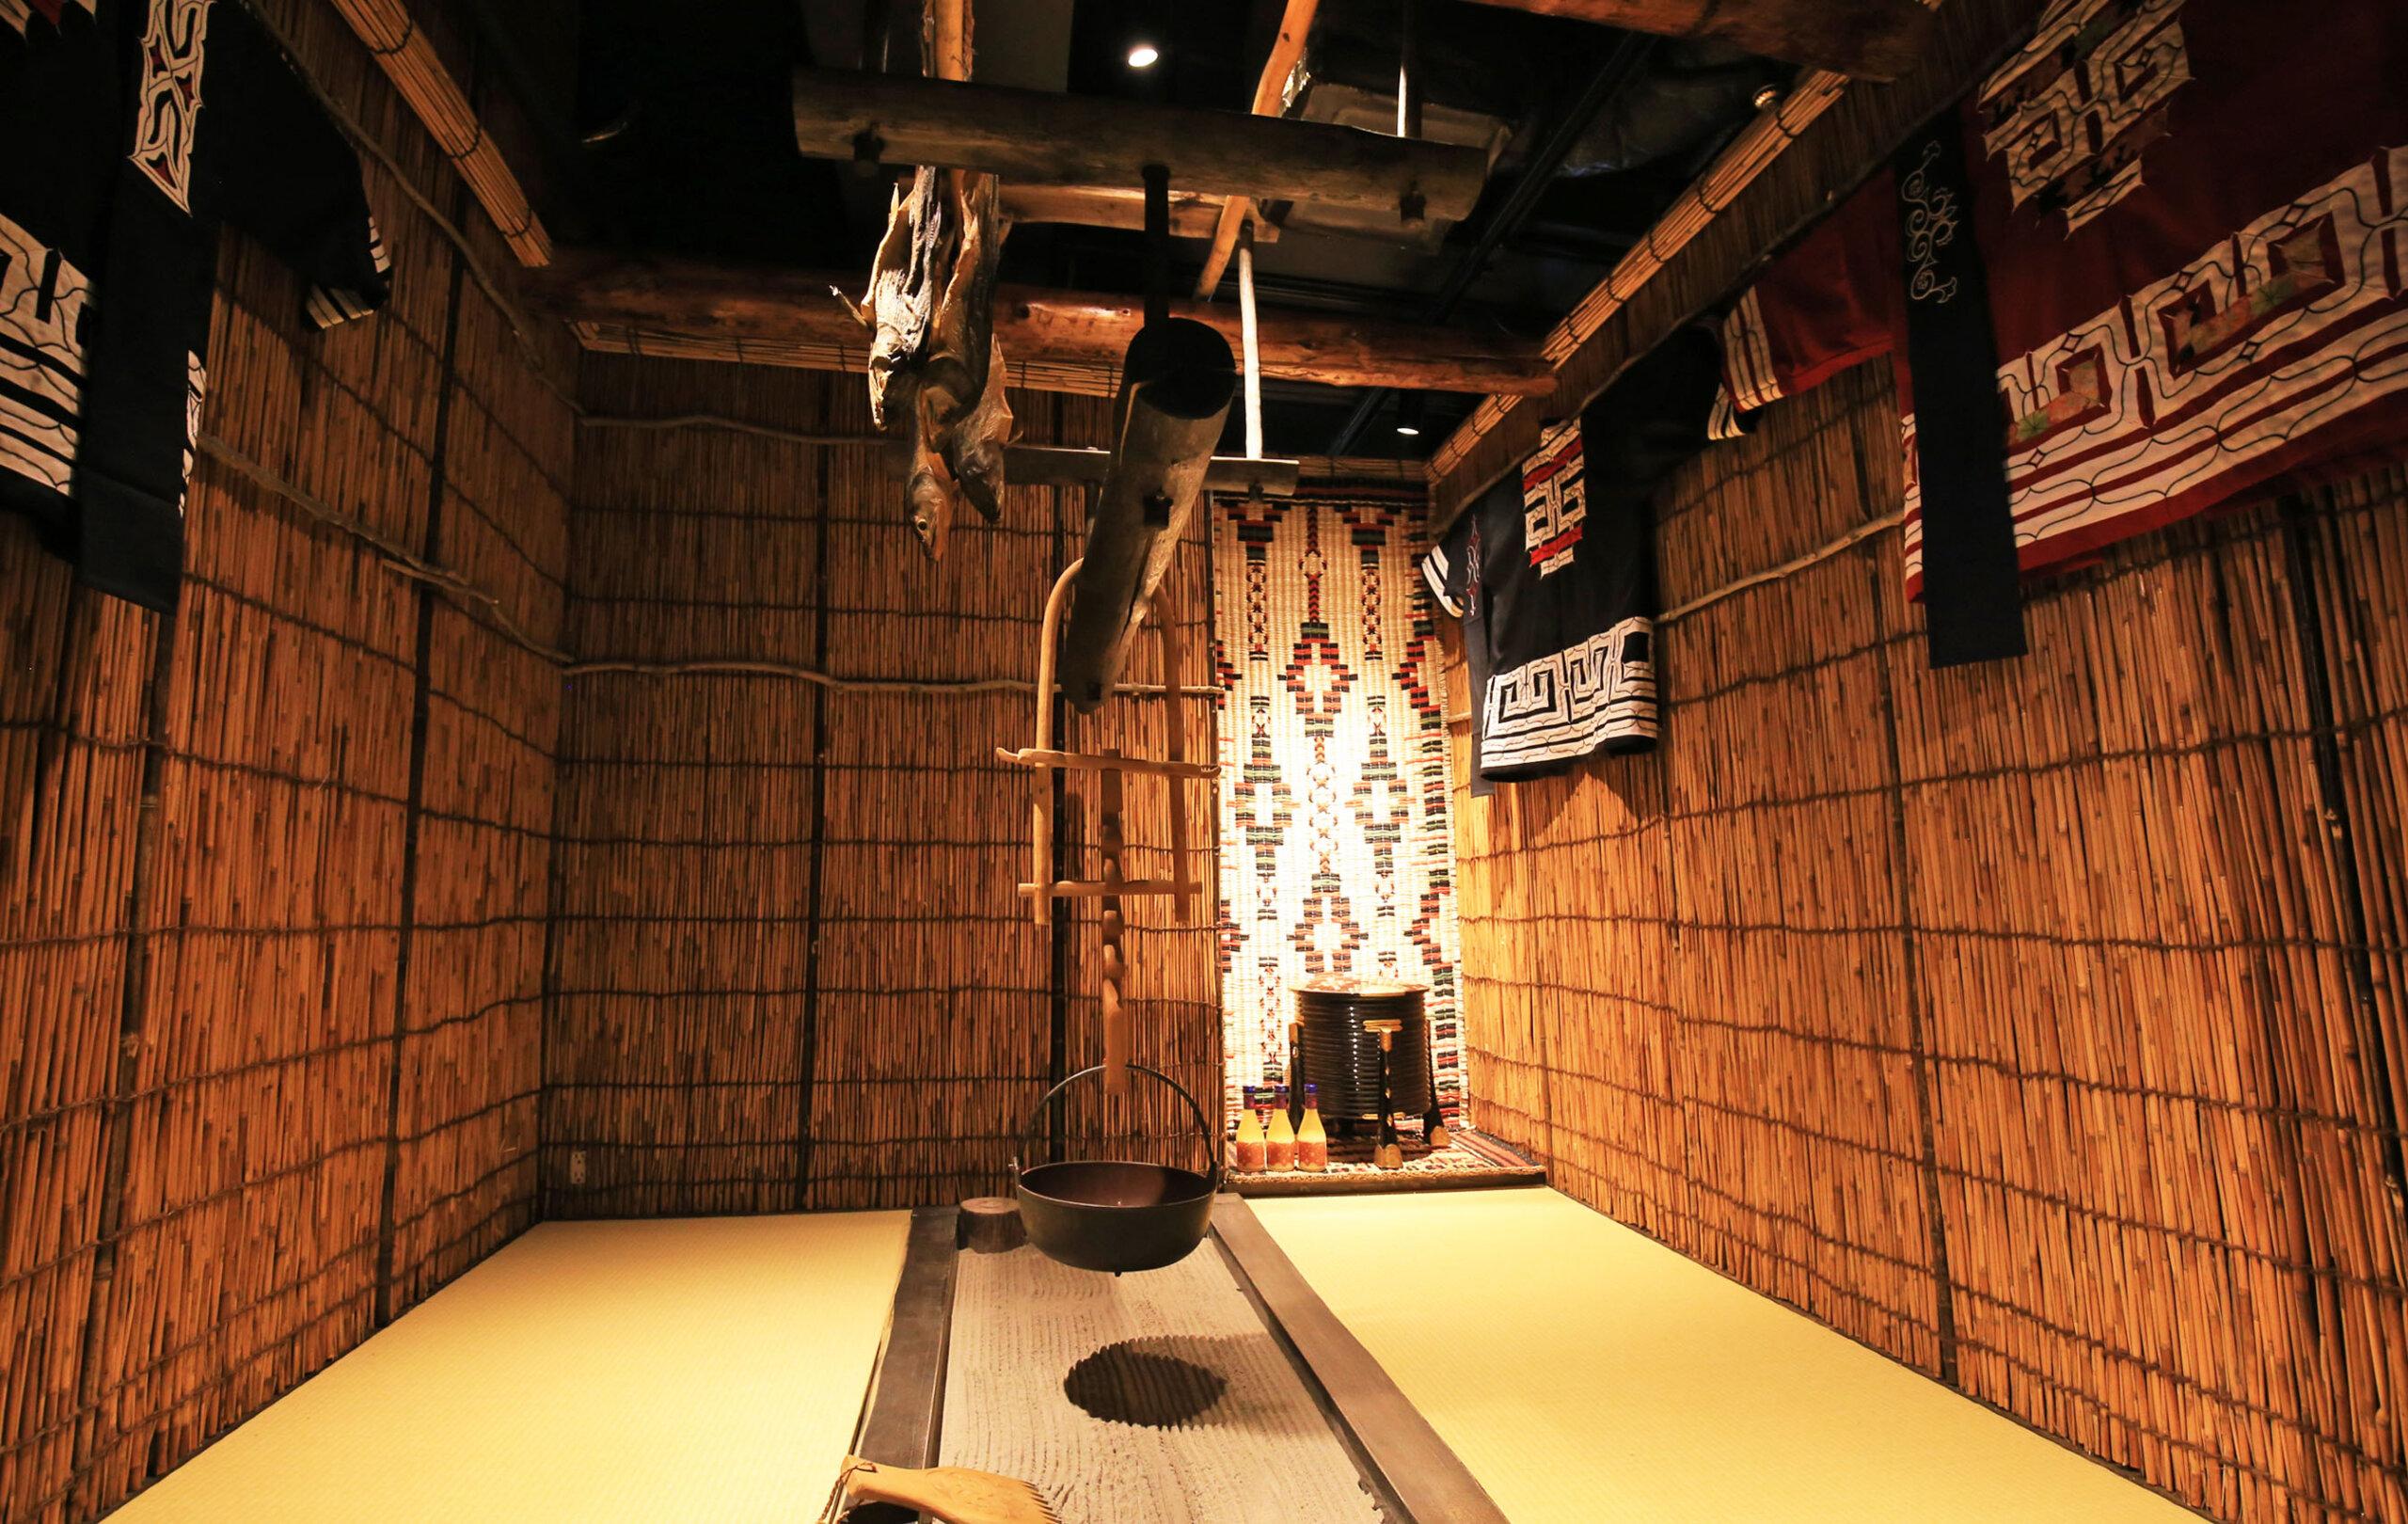 能體驗愛努文化和品嚐北海道美酒的美食餐廳